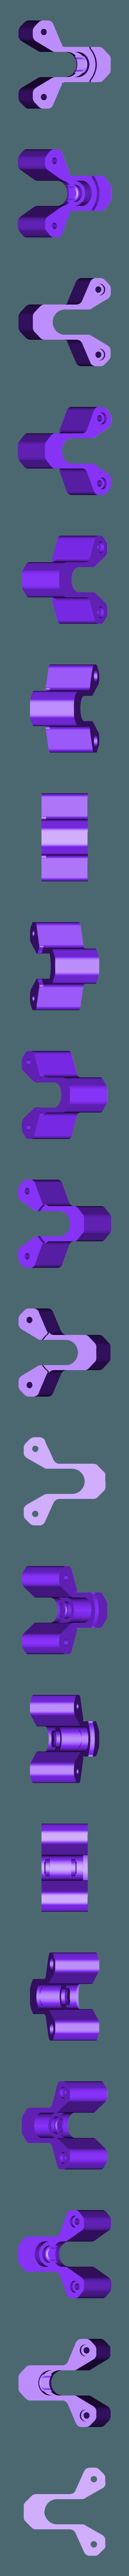 Gearhead_v2-0_98.STL Télécharger fichier STL gratuit Montage de l'extrudeuse (Printrbot Gear Head) • Plan à imprimer en 3D, WalterHsiao